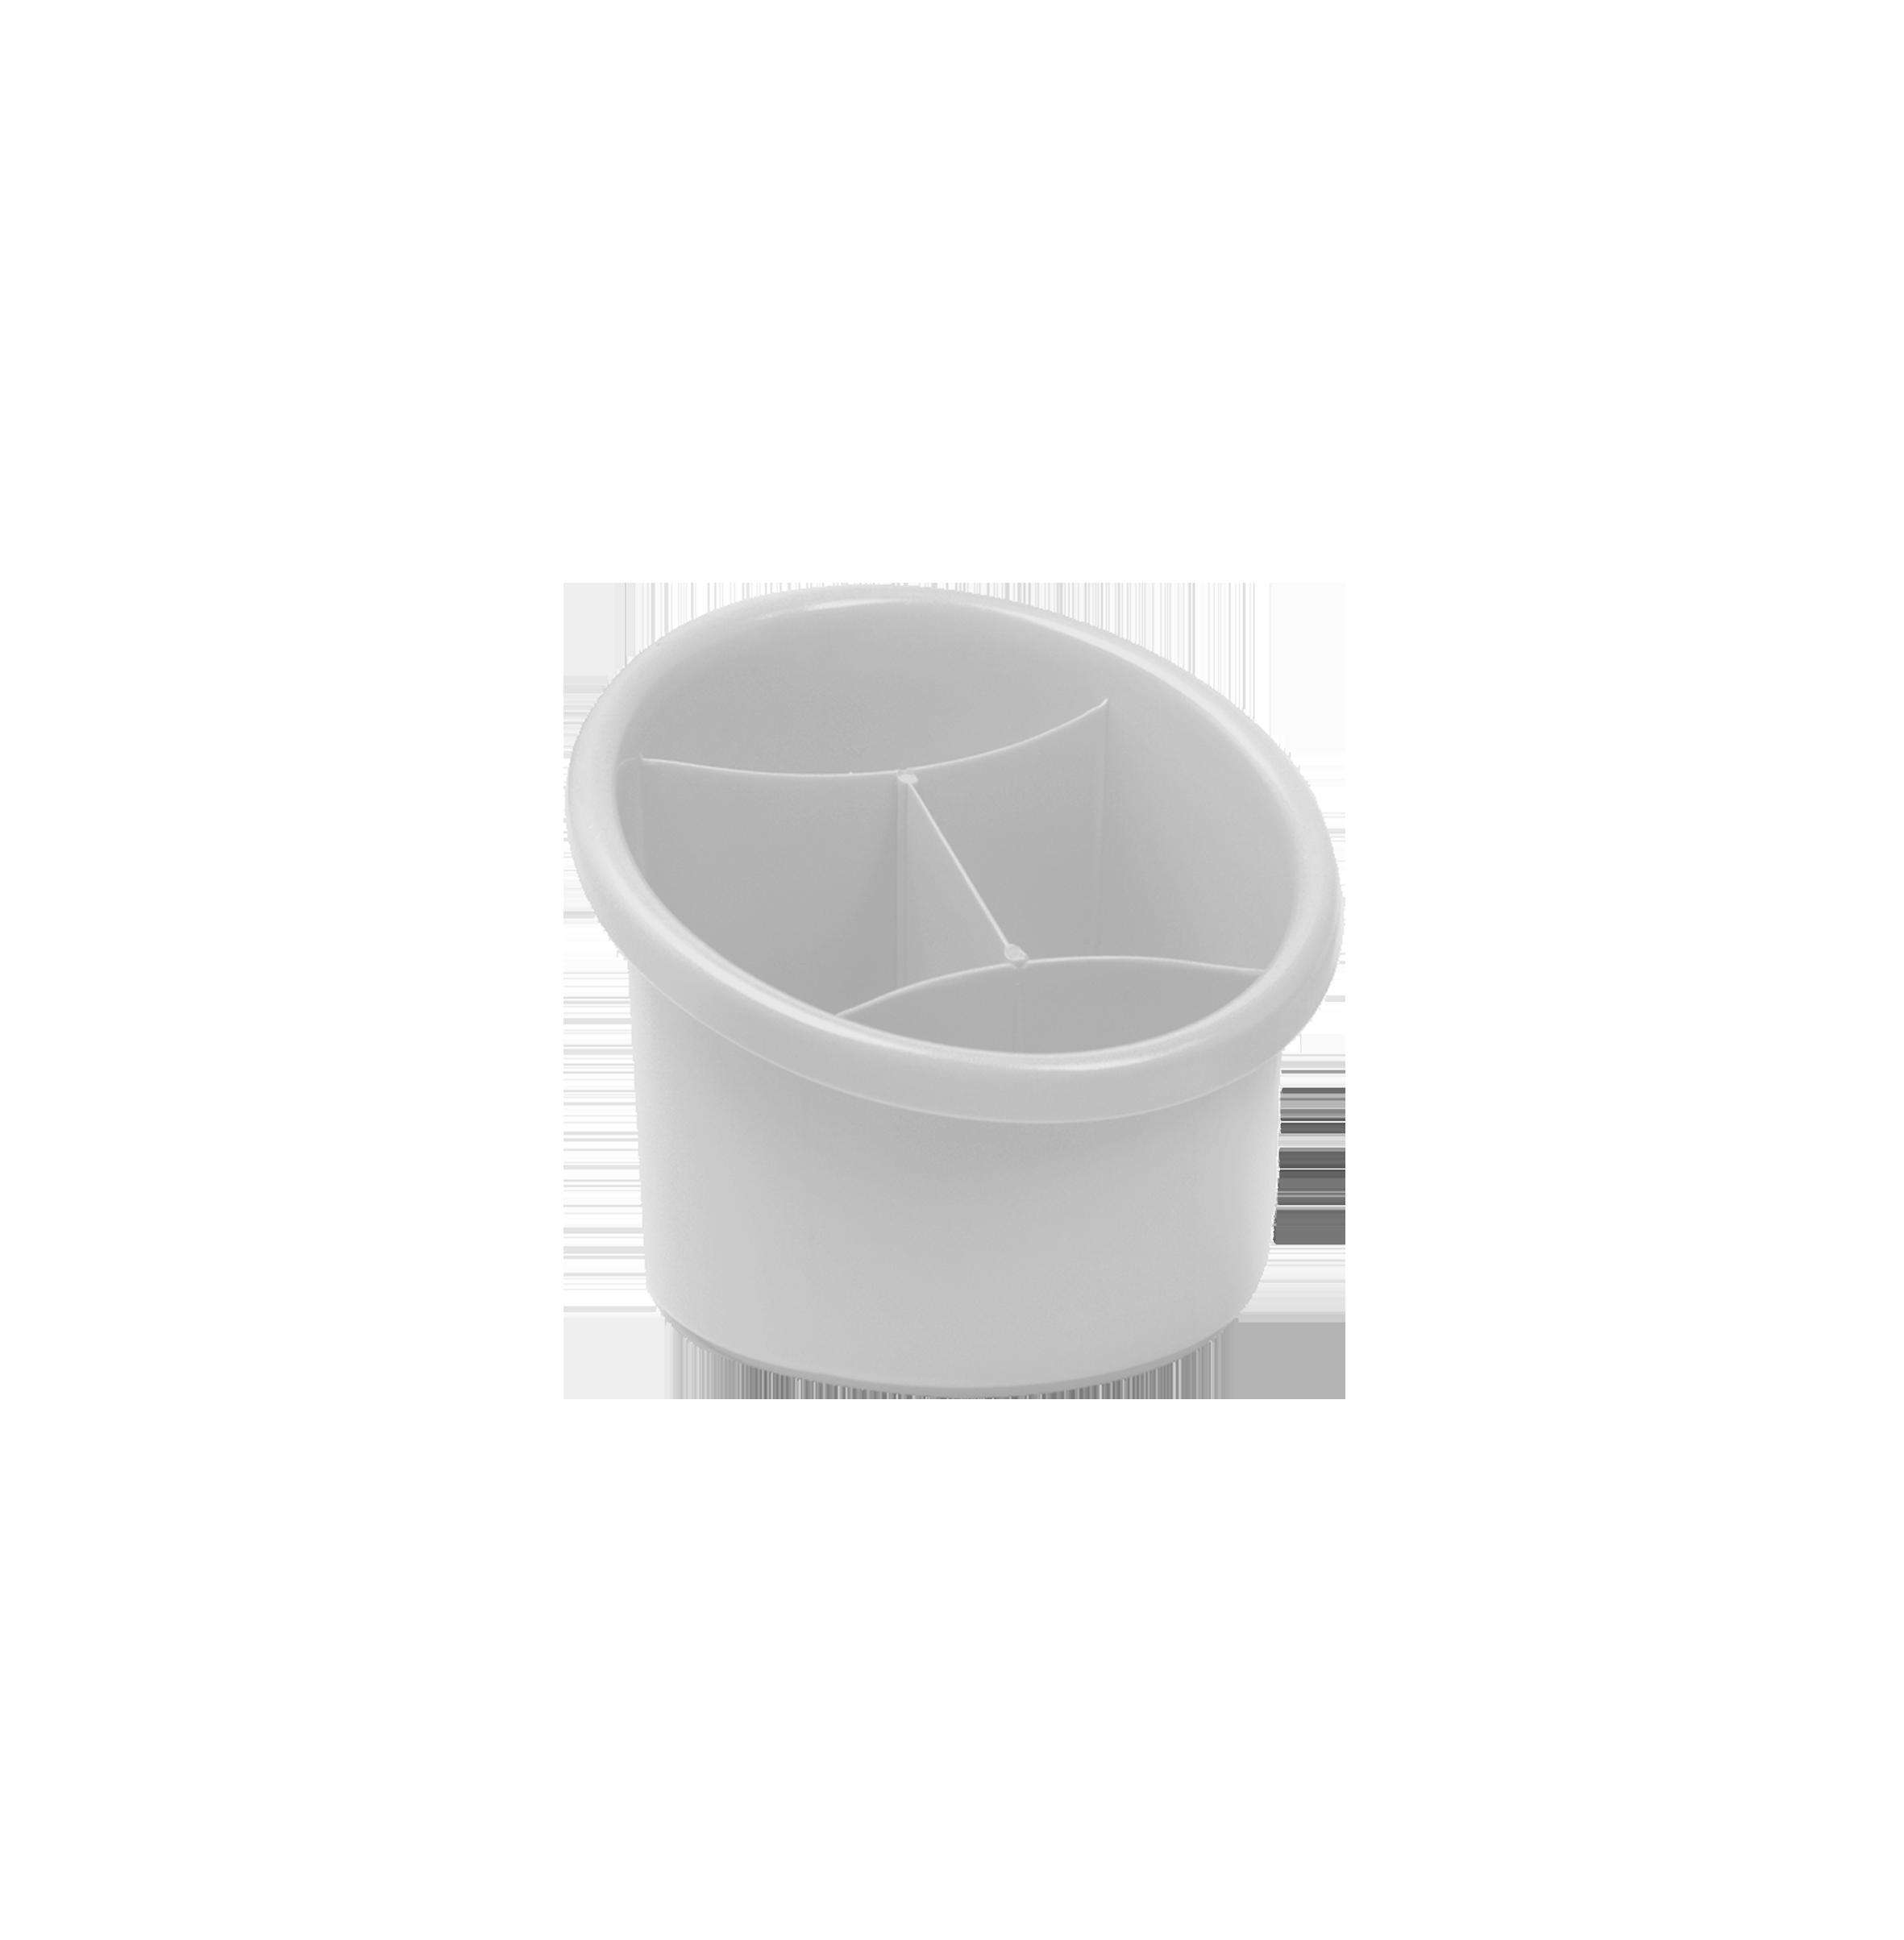 Imagem do produto: Secador de Talher 8079